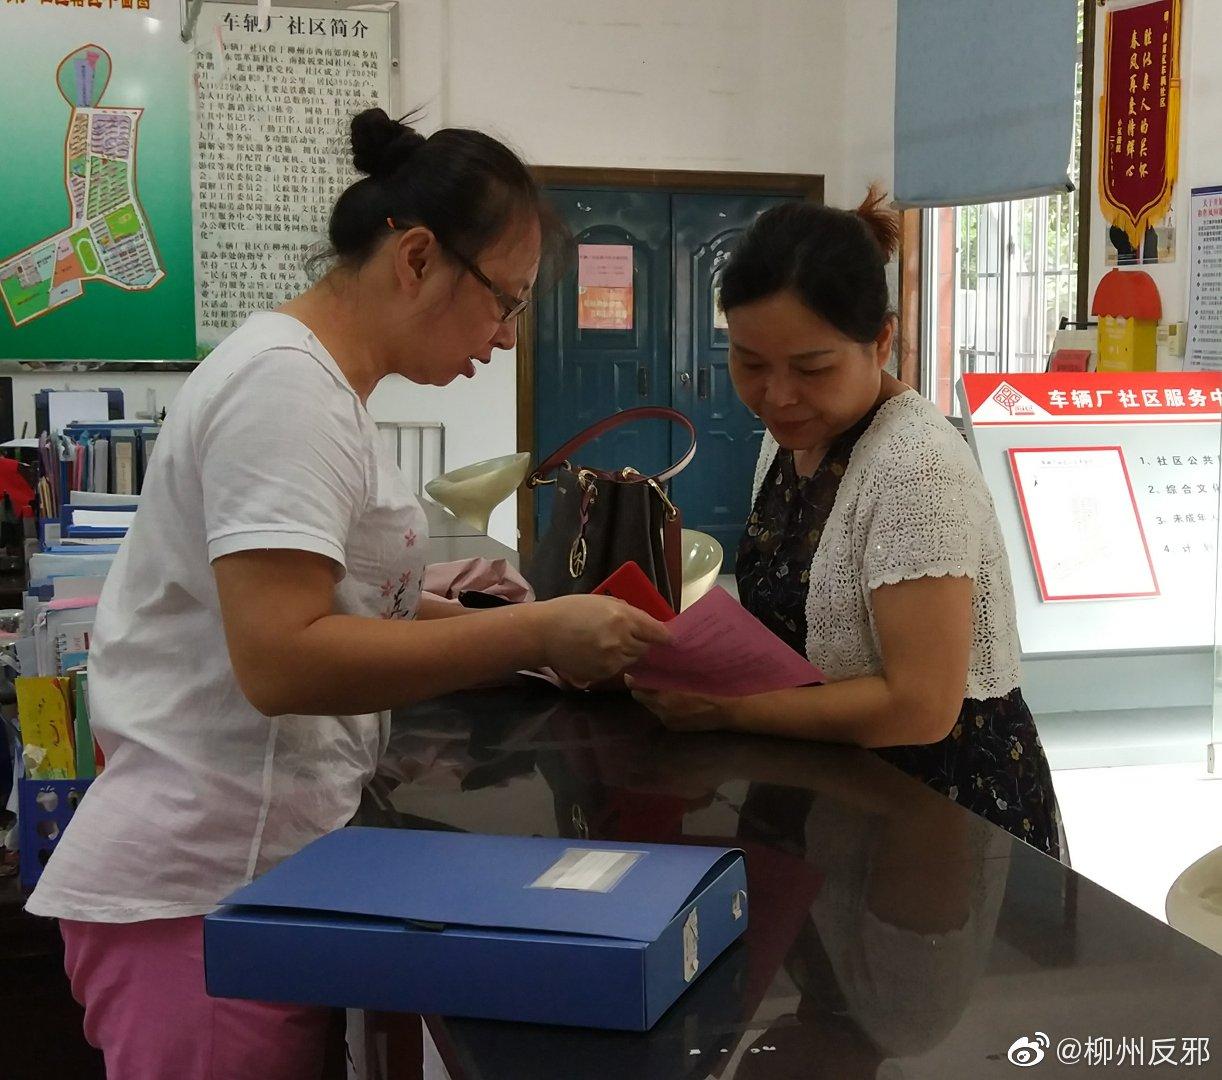 反邪 | 柳州:柳南区车辆厂社区开展征兵宣传动员暨普法反邪教育活动